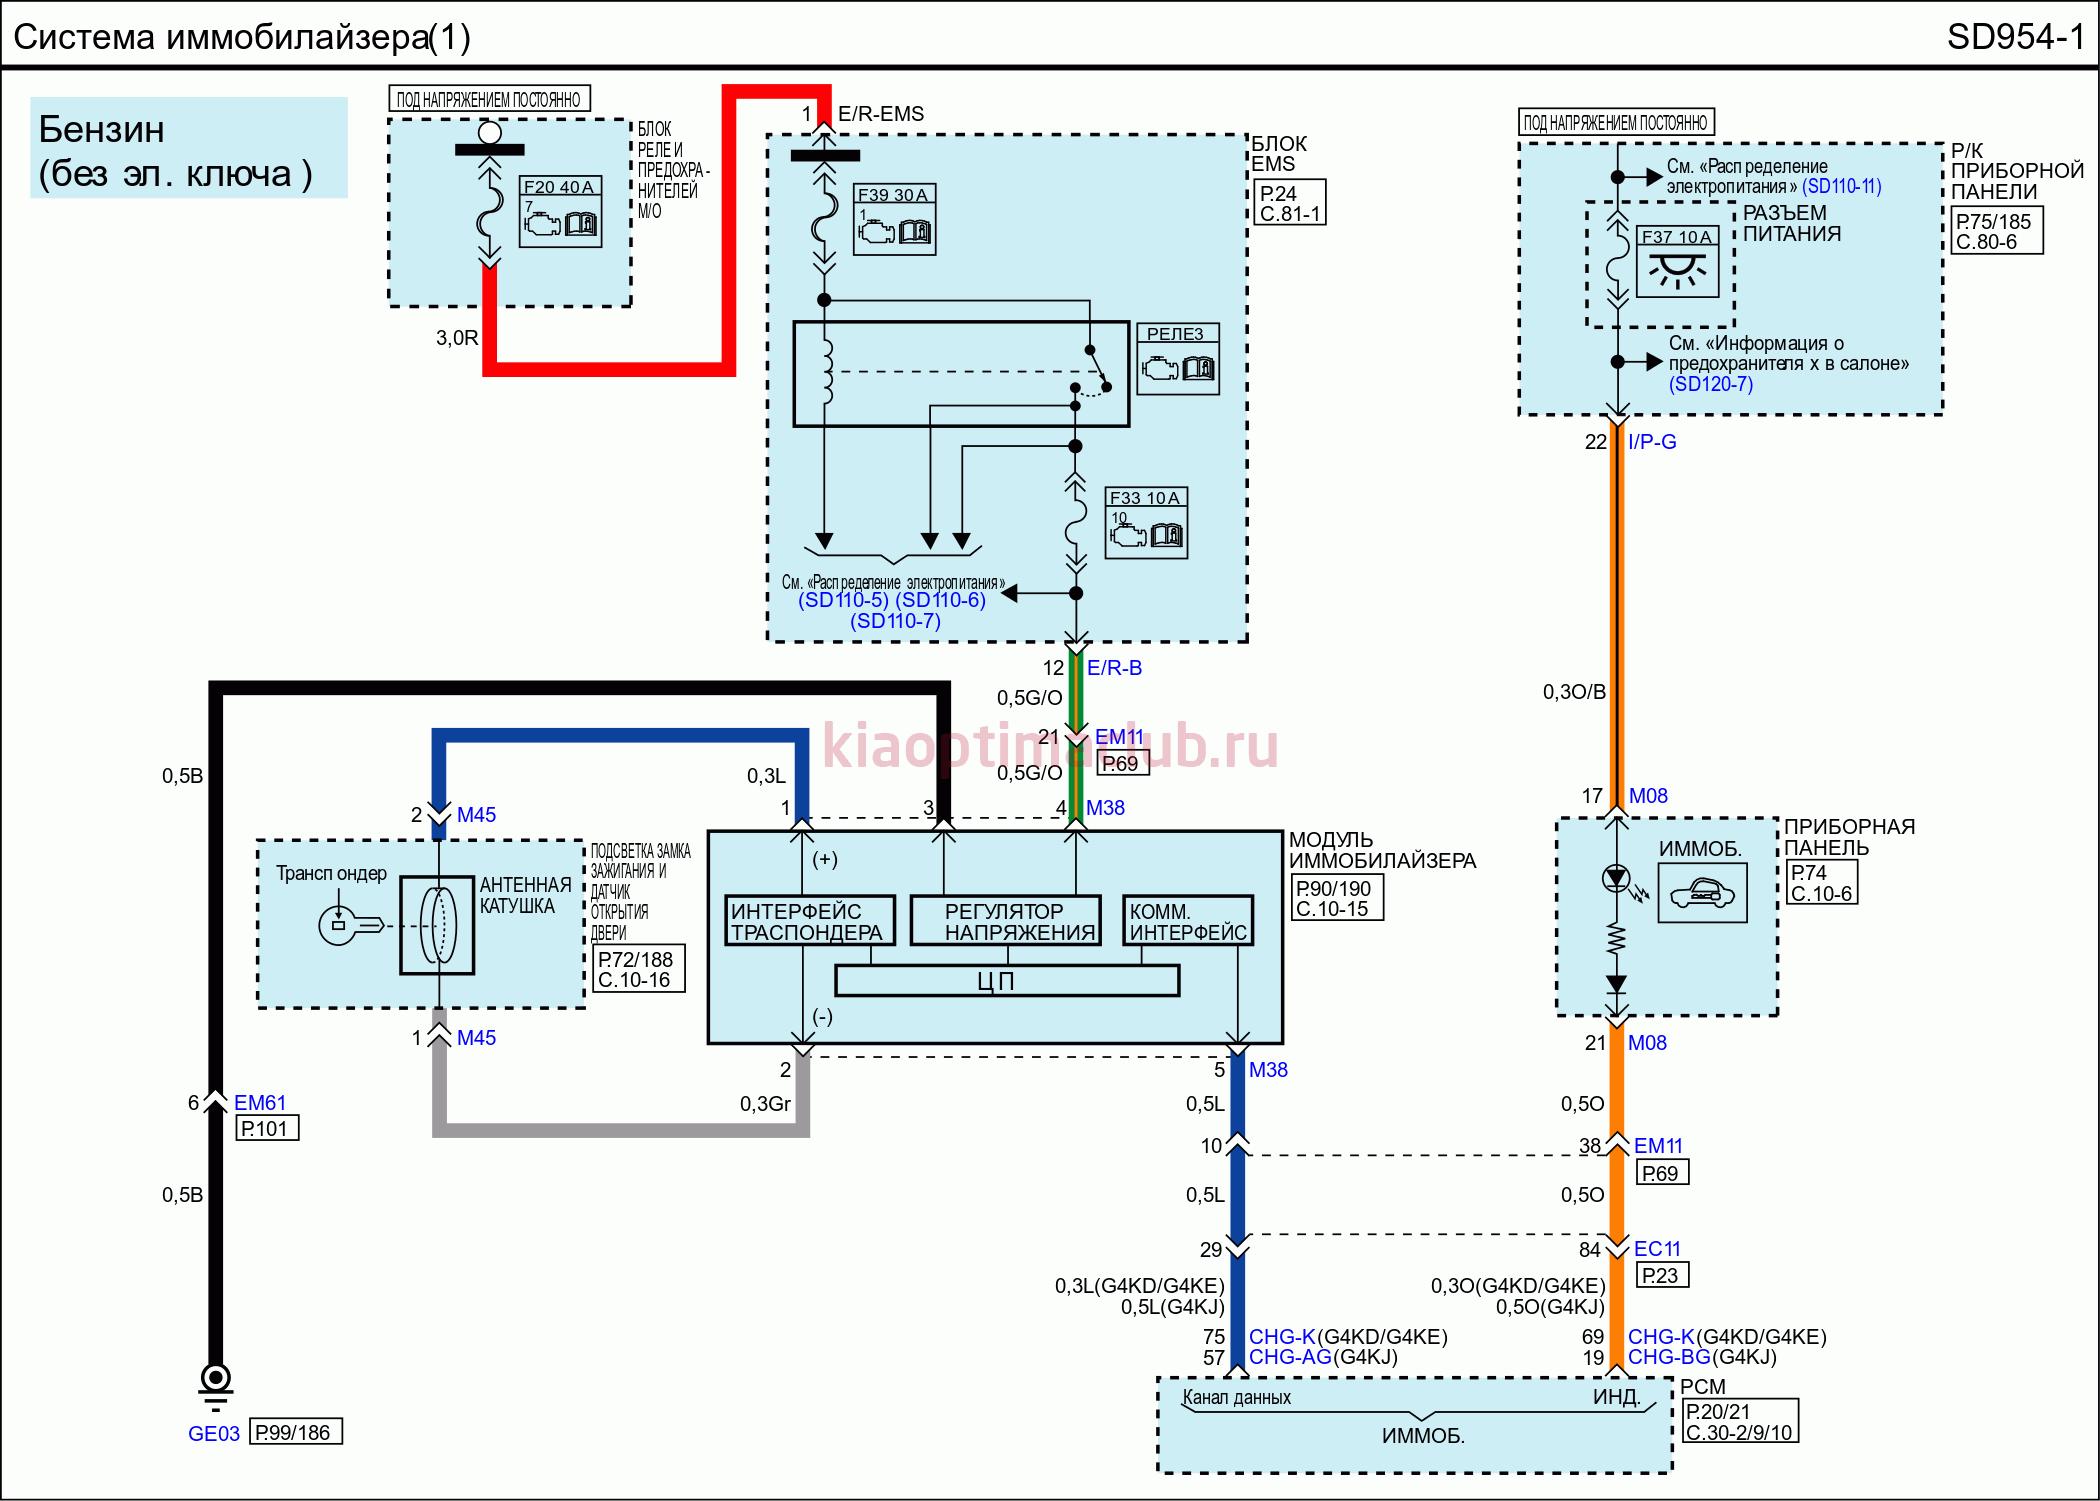 Схемы авто Подборка радиолюбительских схем конструкций и